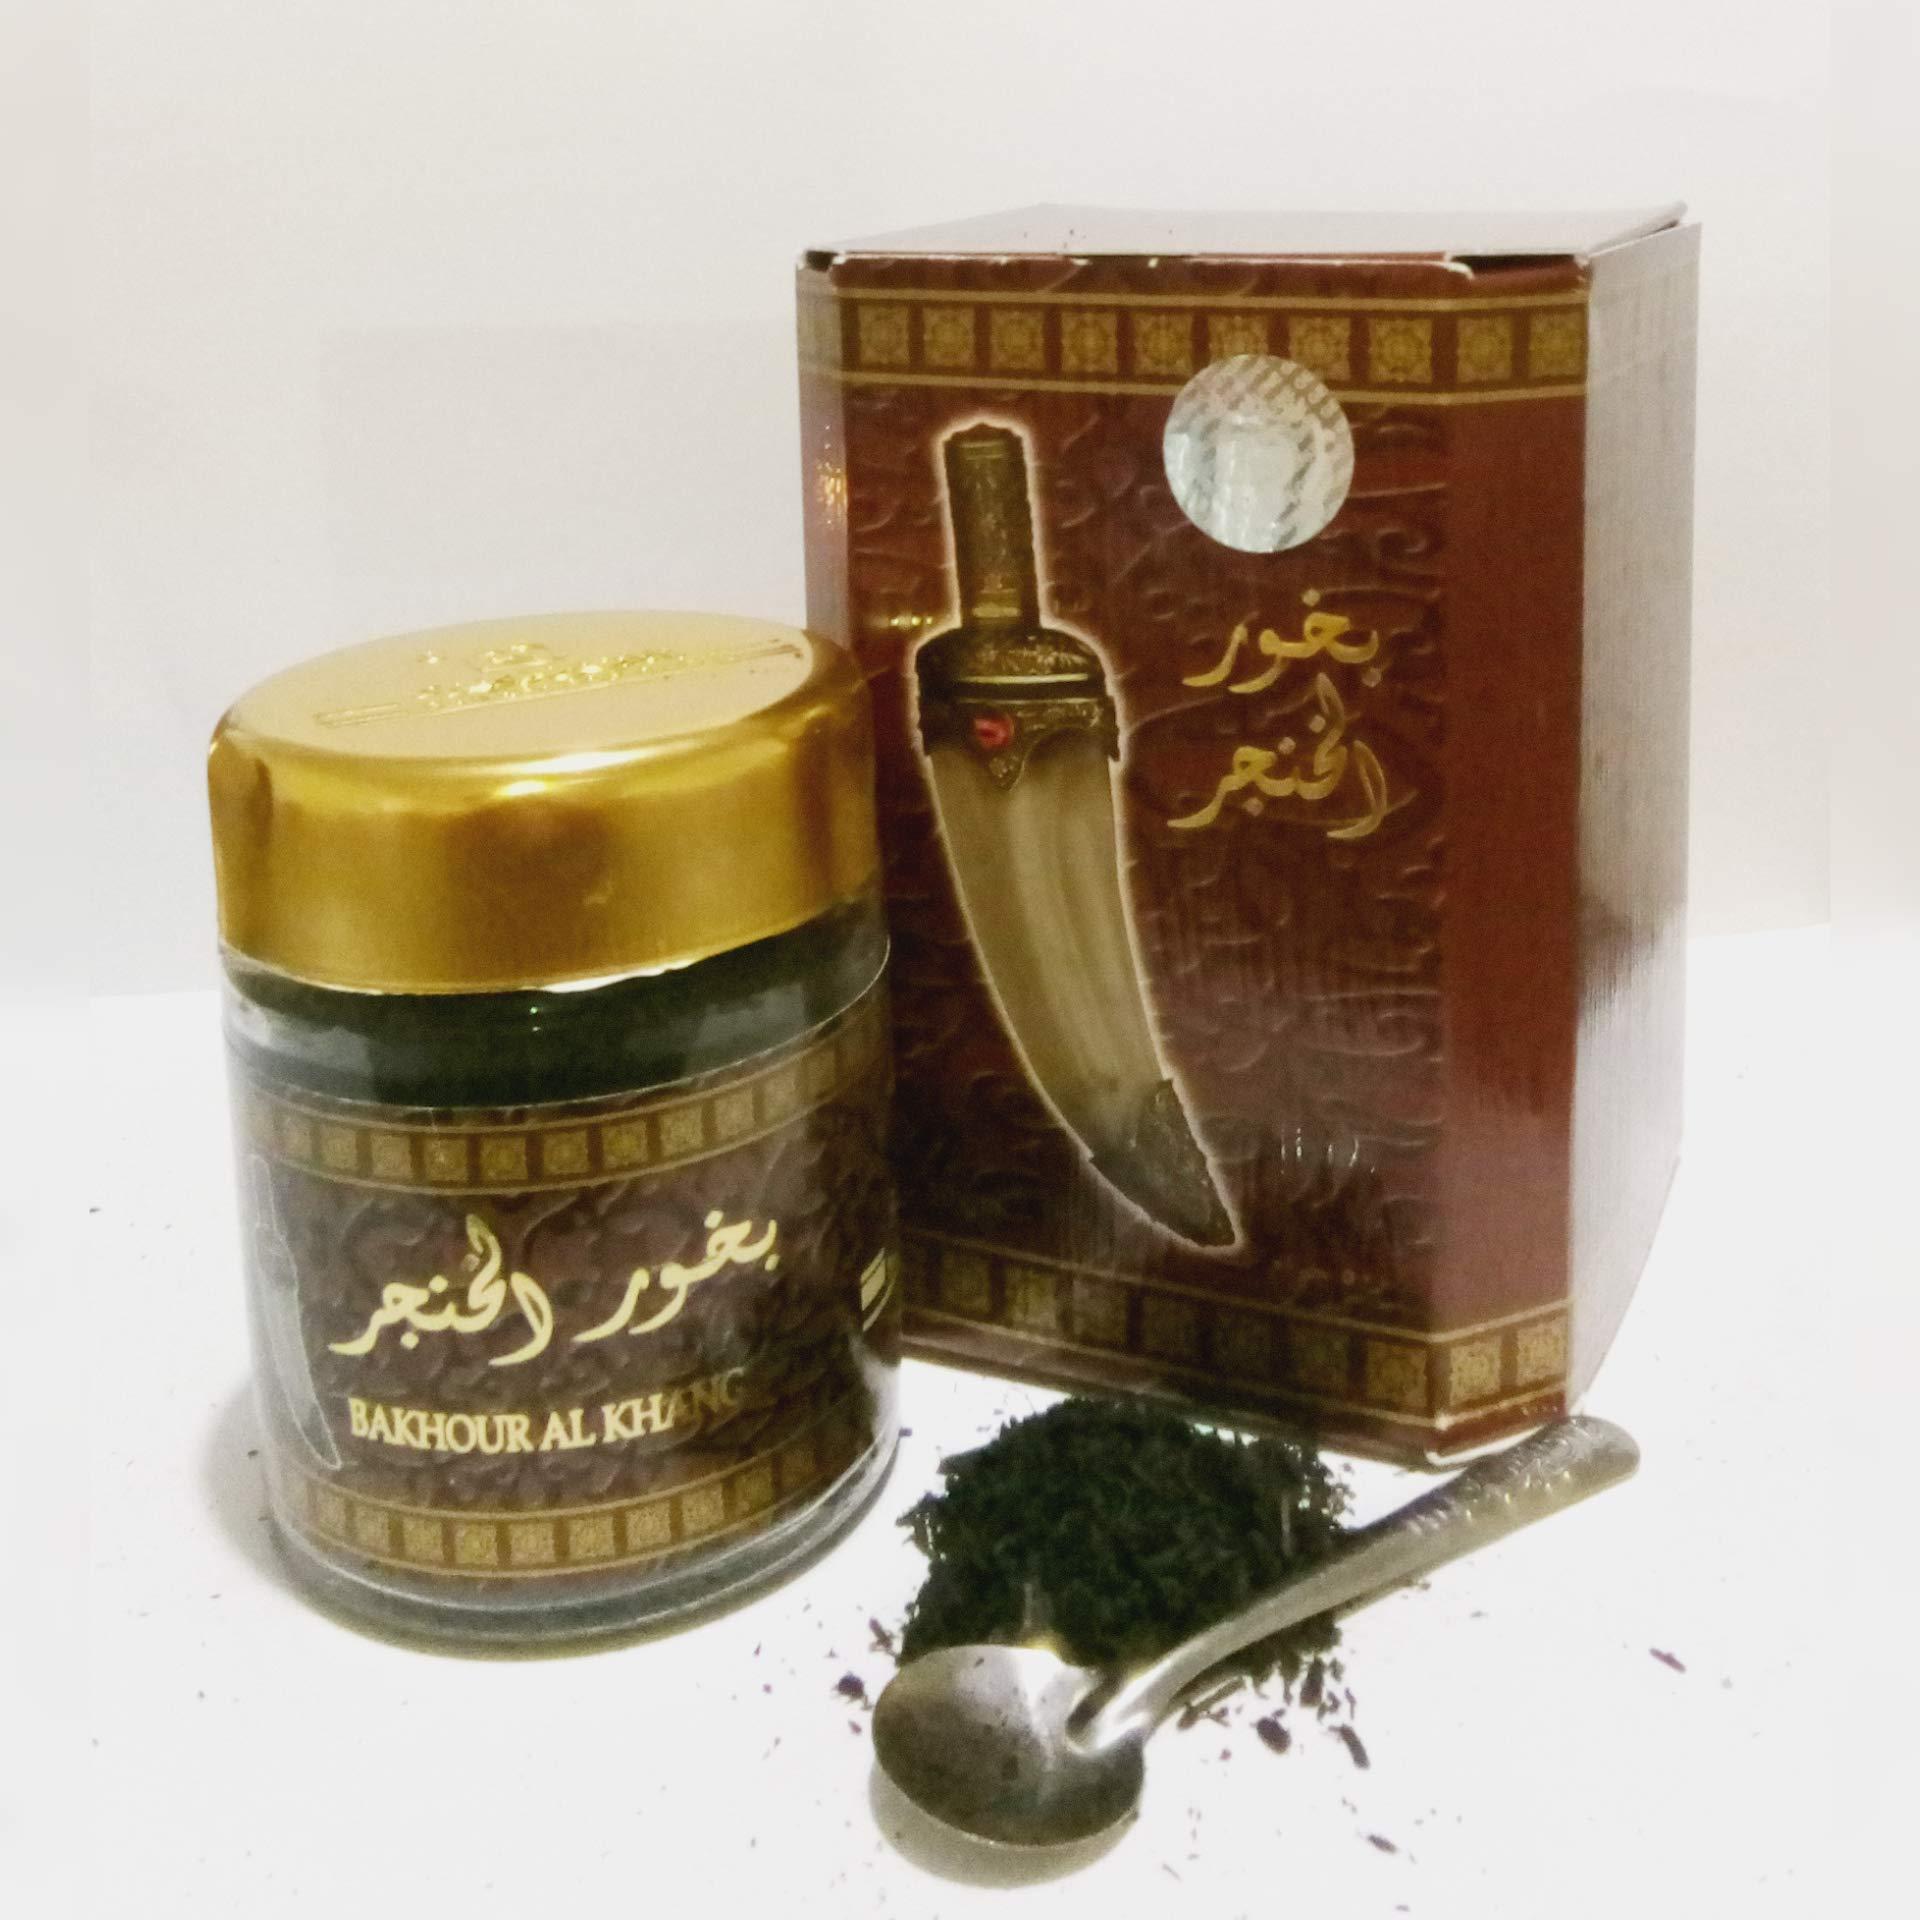 Banafa for Oud Bakhoor Al Khanger (50gm) Incense 3 Pack by Banafa for Oud (Image #1)